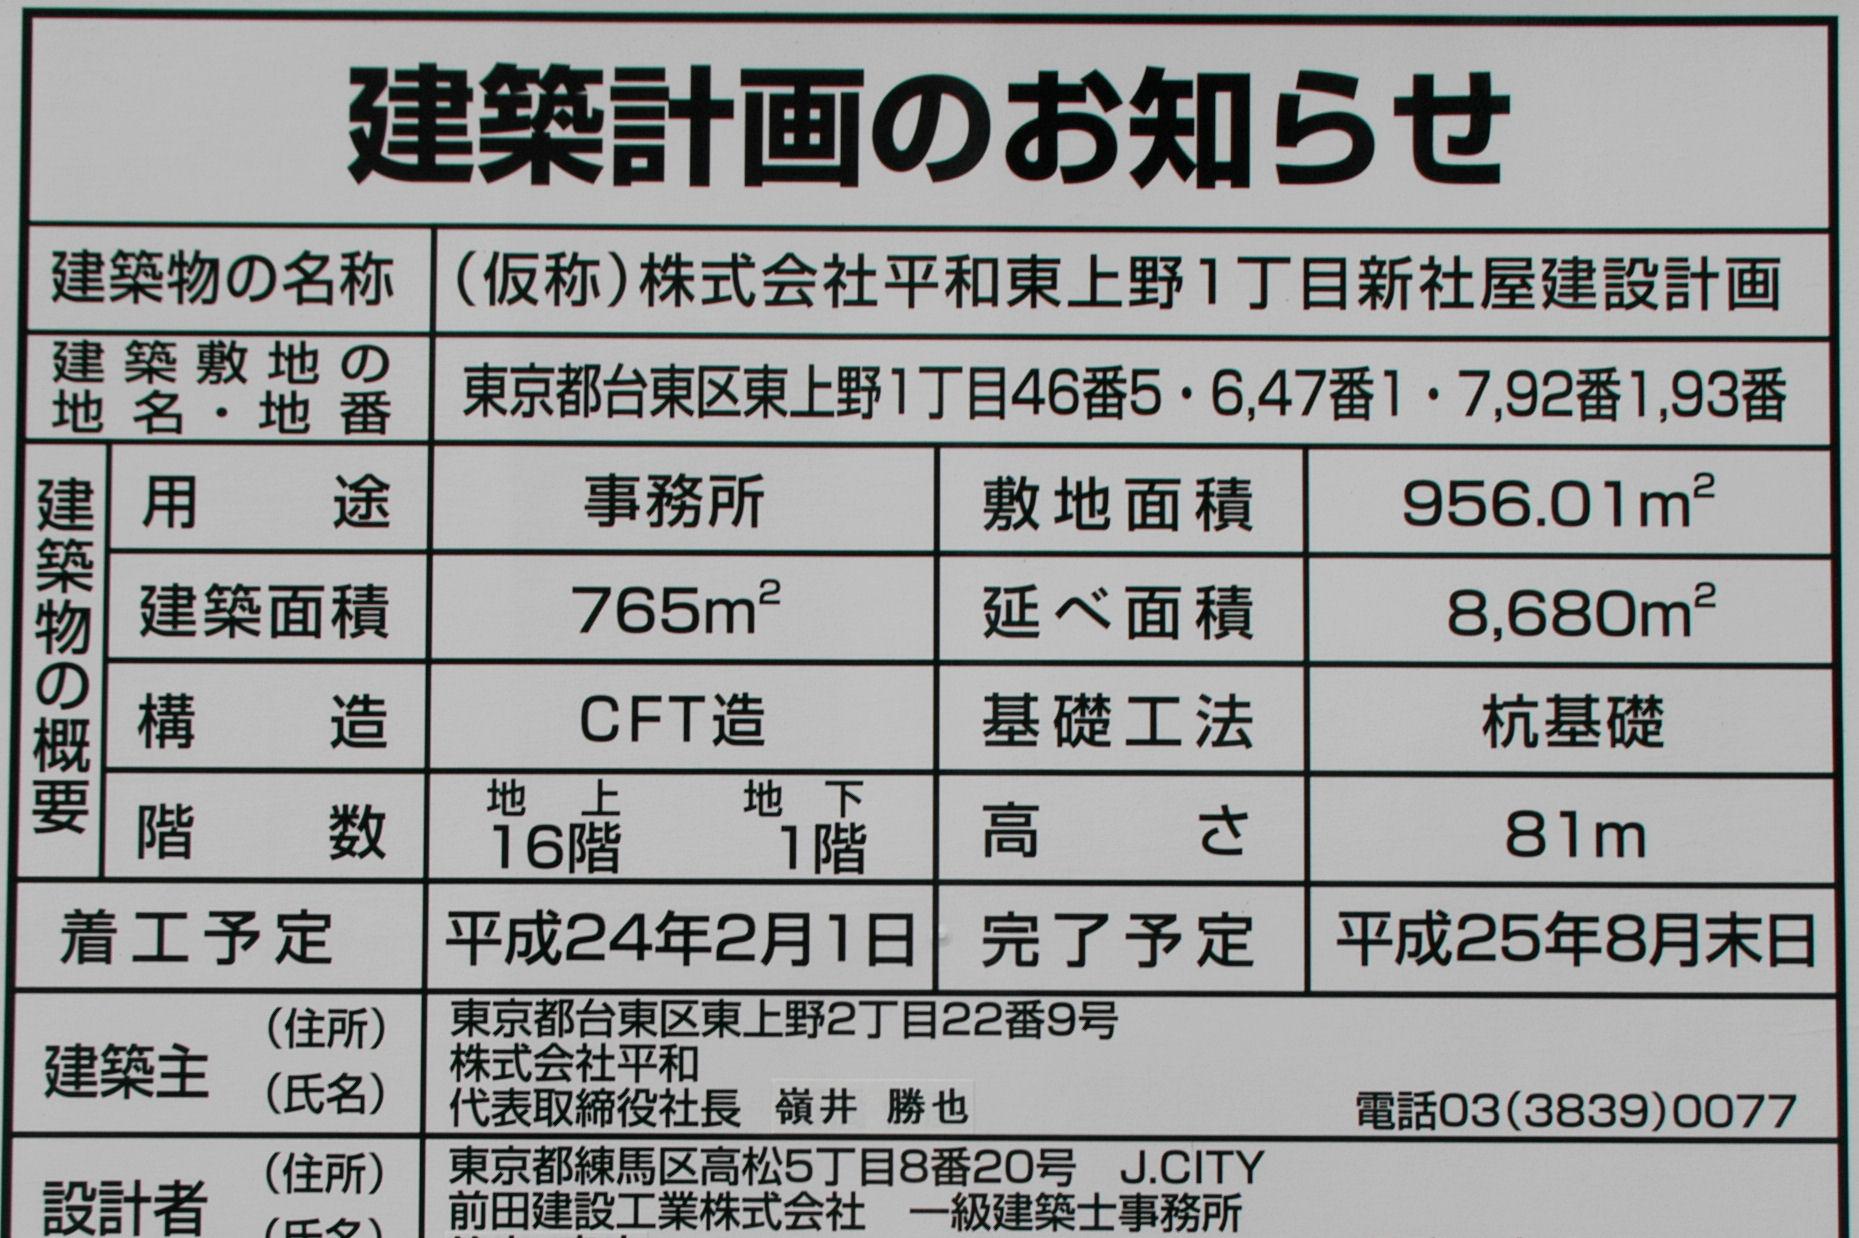 uenoheiwa0026e.jpg